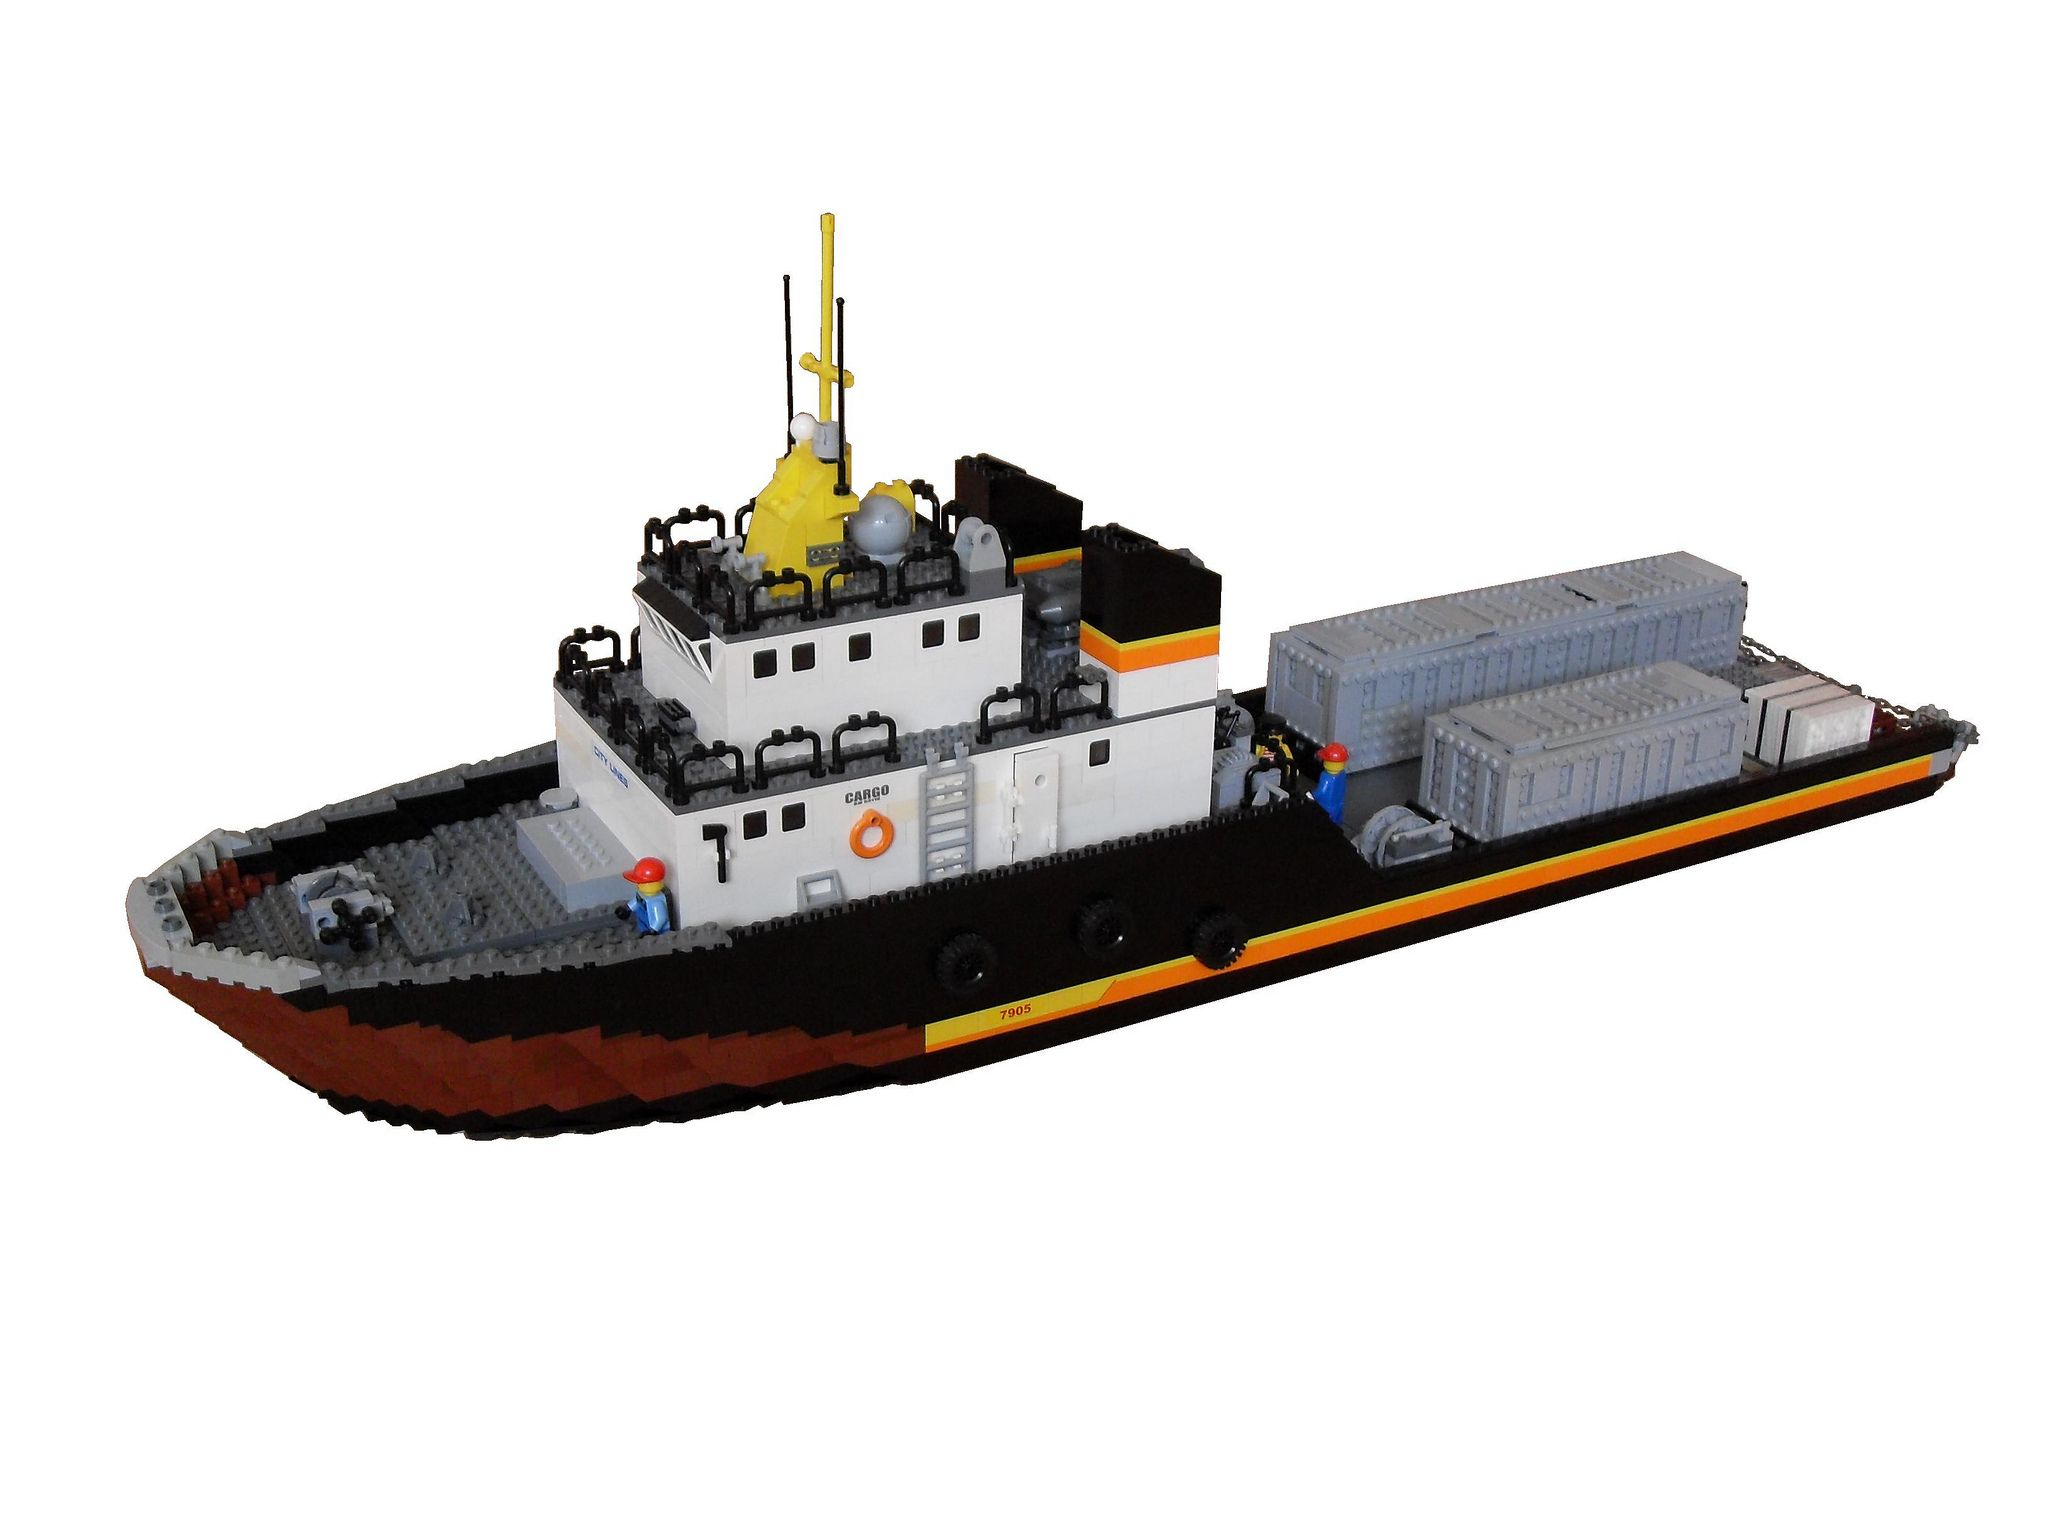 lego bateau scale 40 build flickr supply vessel lego ships 20 feet oil rig lego city lego ideas